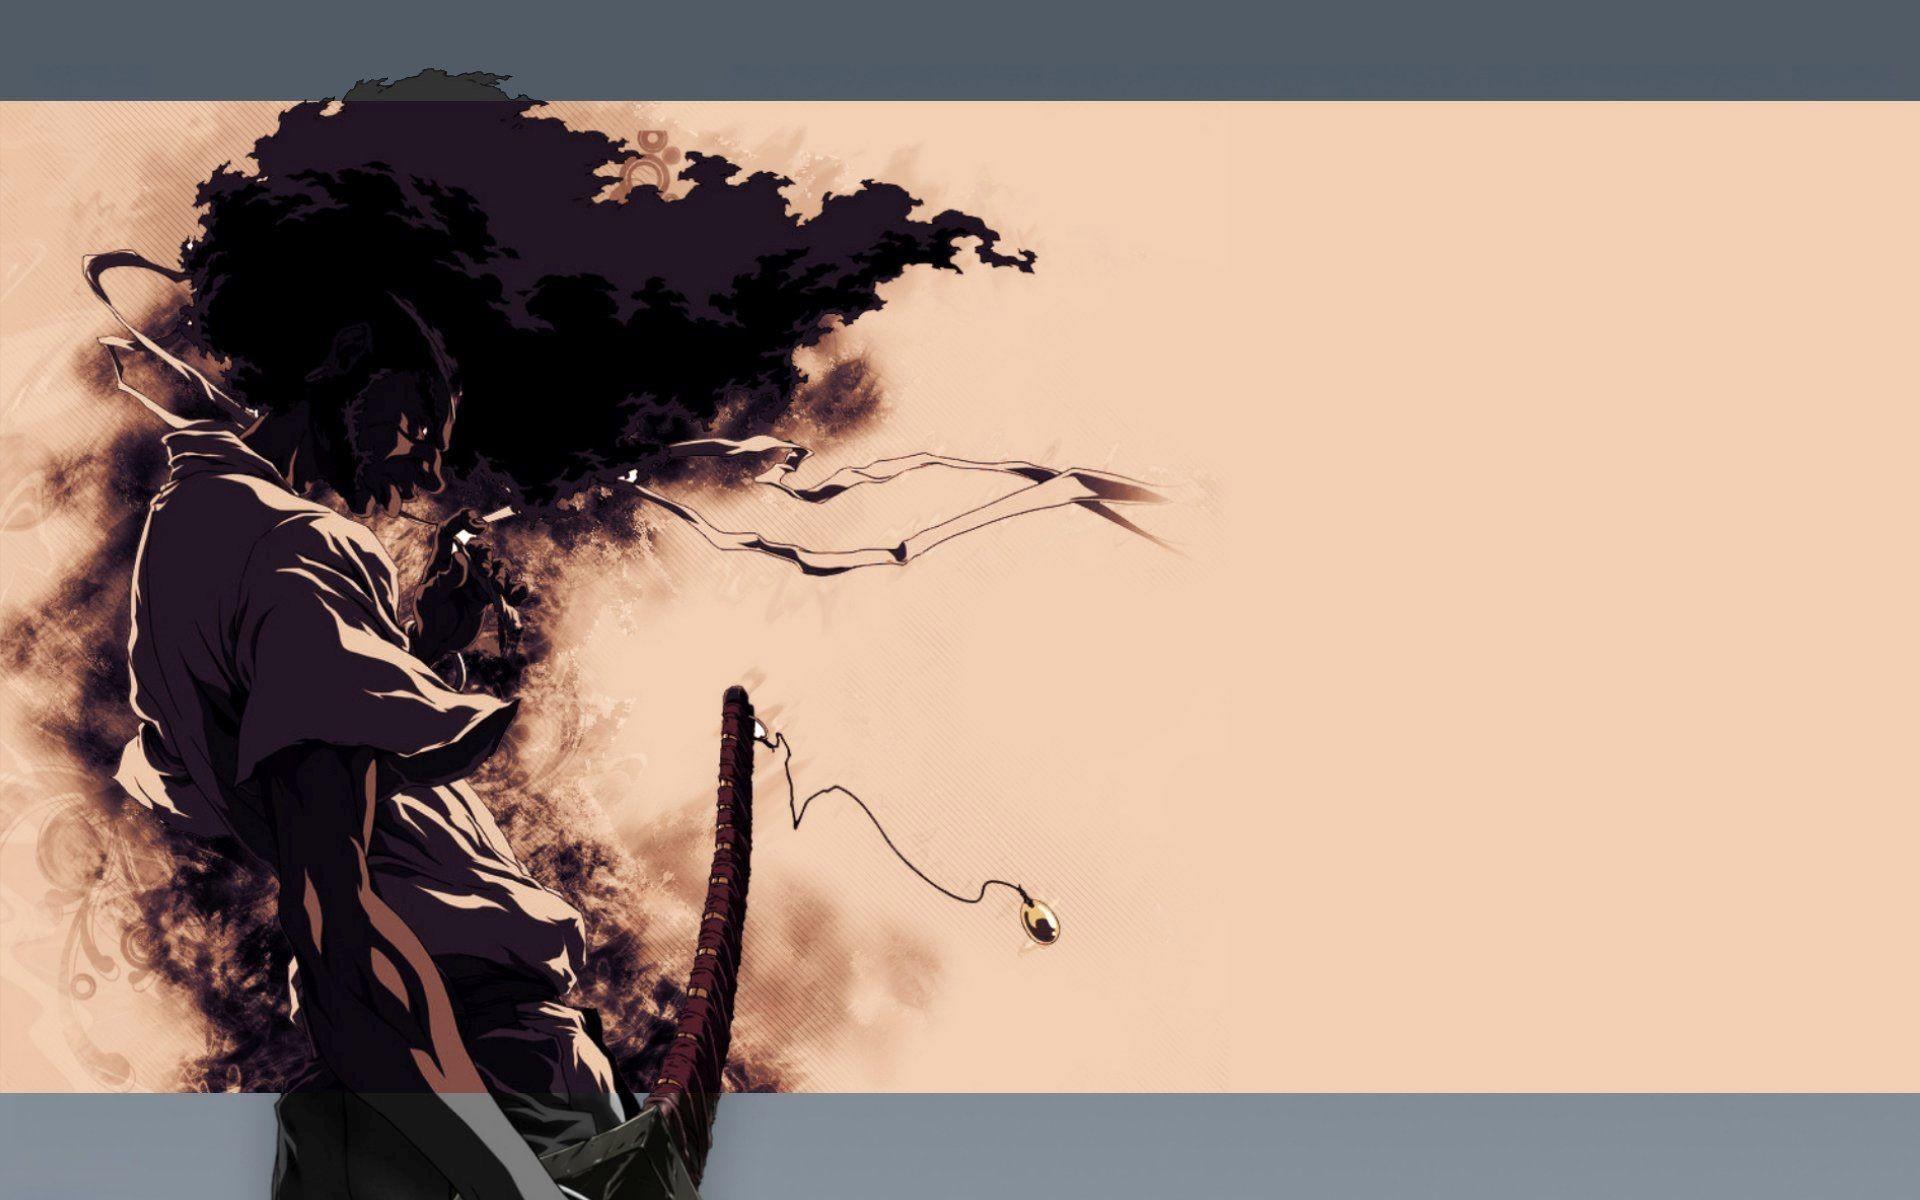 … Afro Samurai